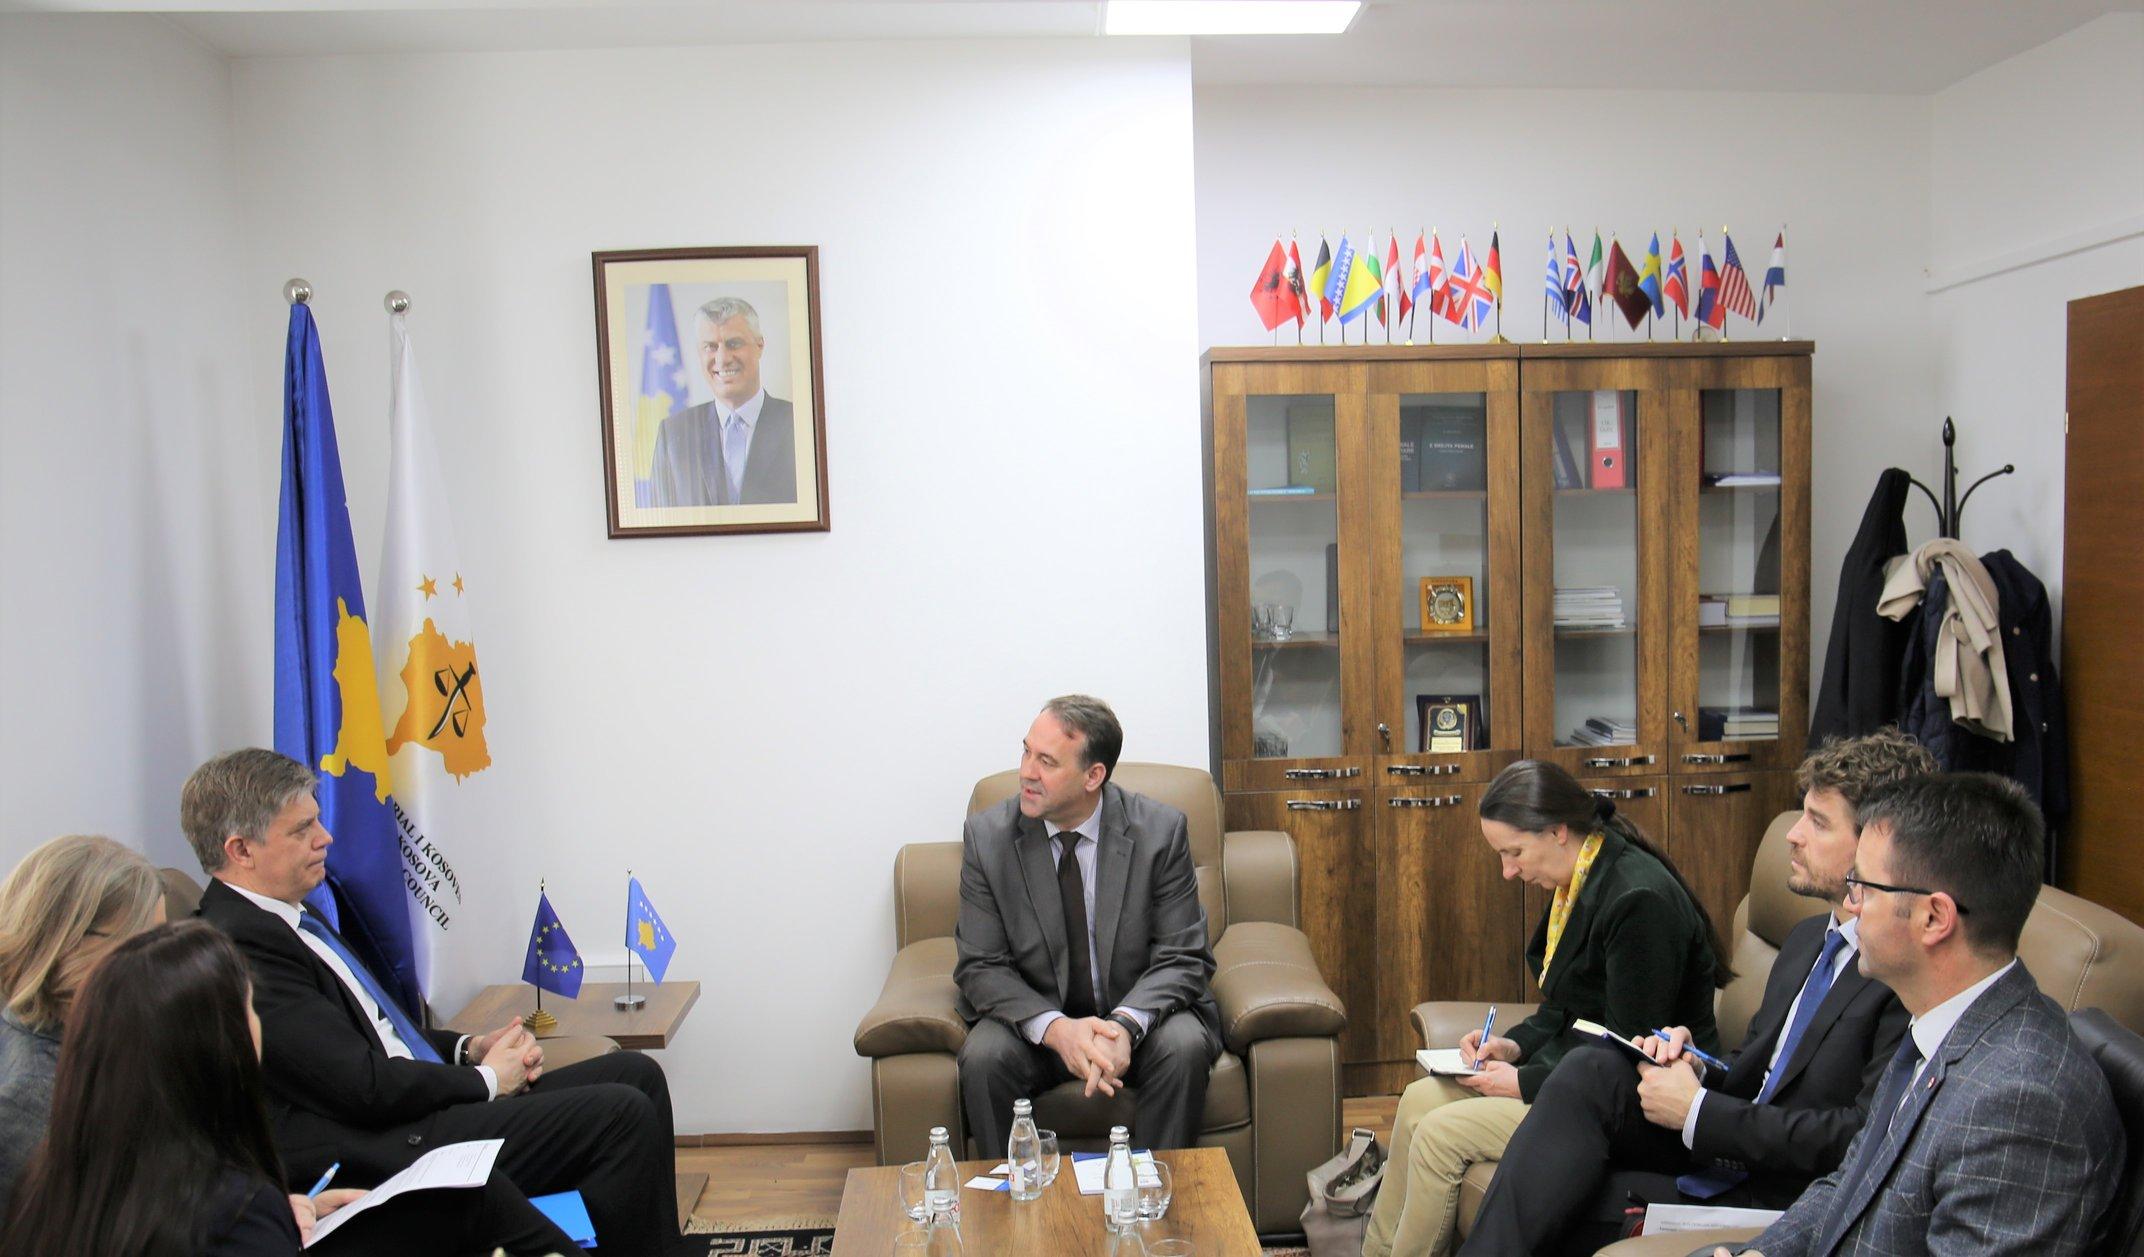 Kryesuesi i Këshillit Prokurorial, Bahri Hyseni, priti në takim Shefin e ri të EULEX-it, Lars – Gunnar Wigemark